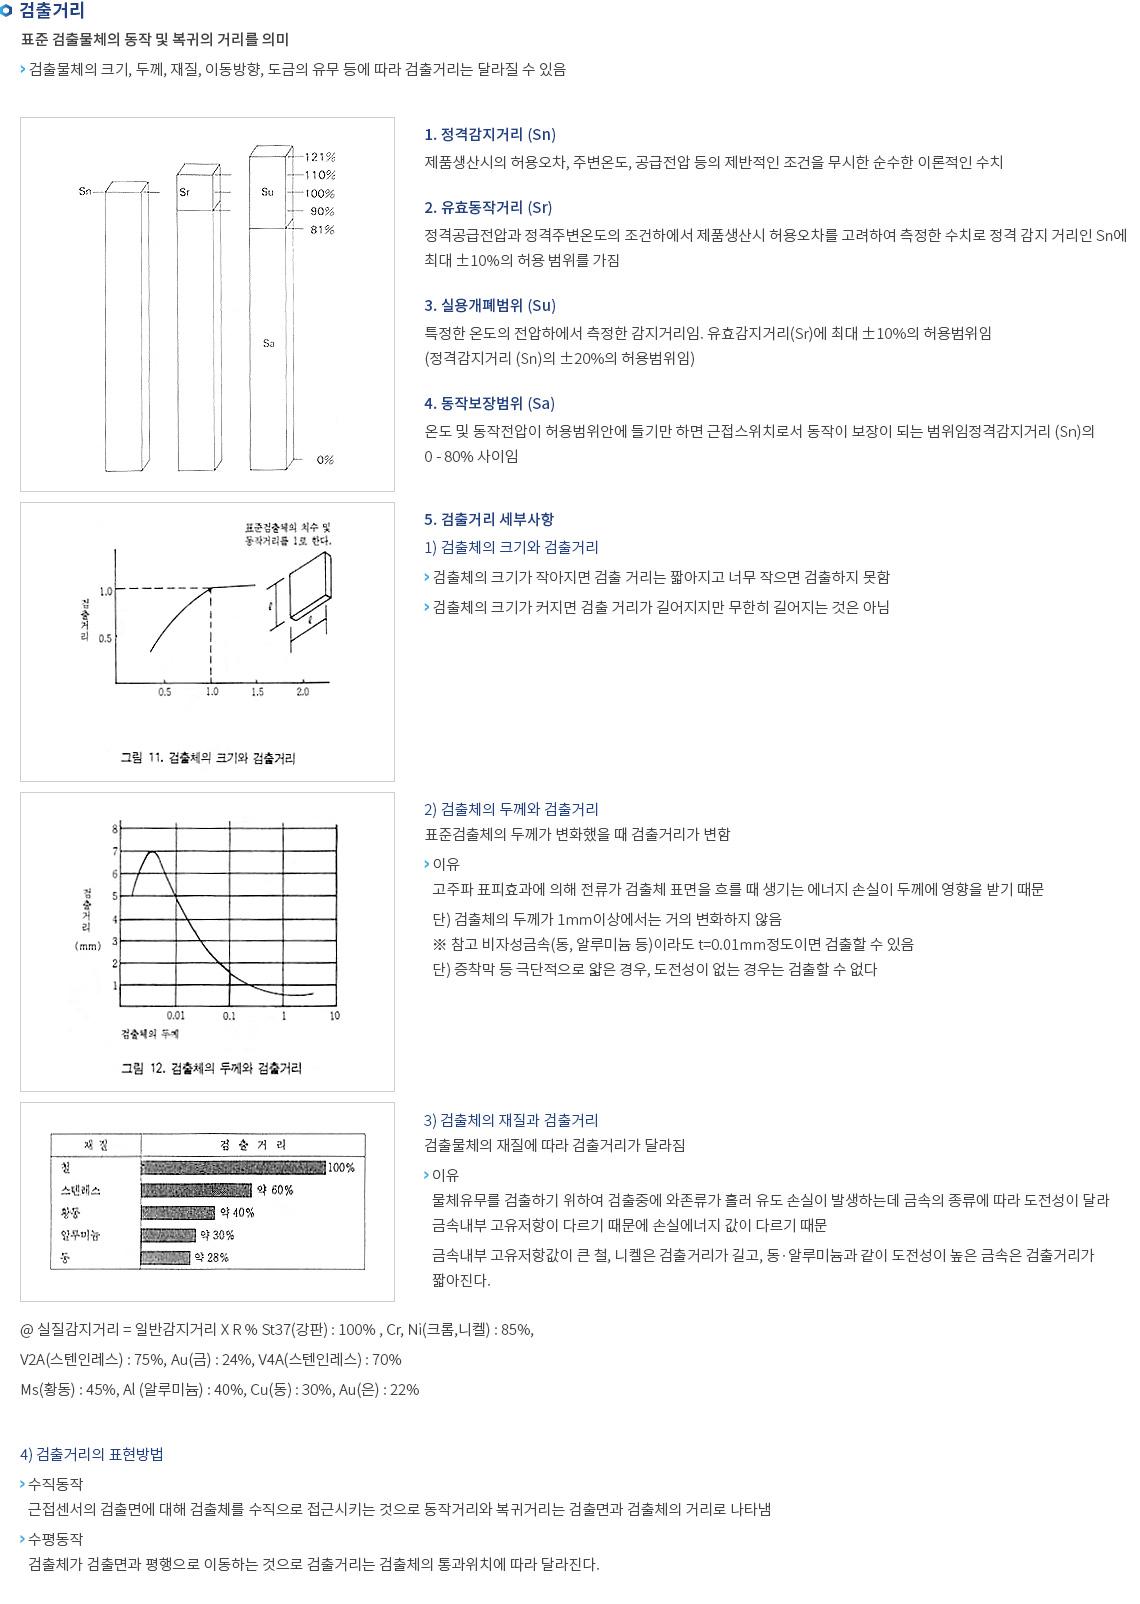 con_14.jpg